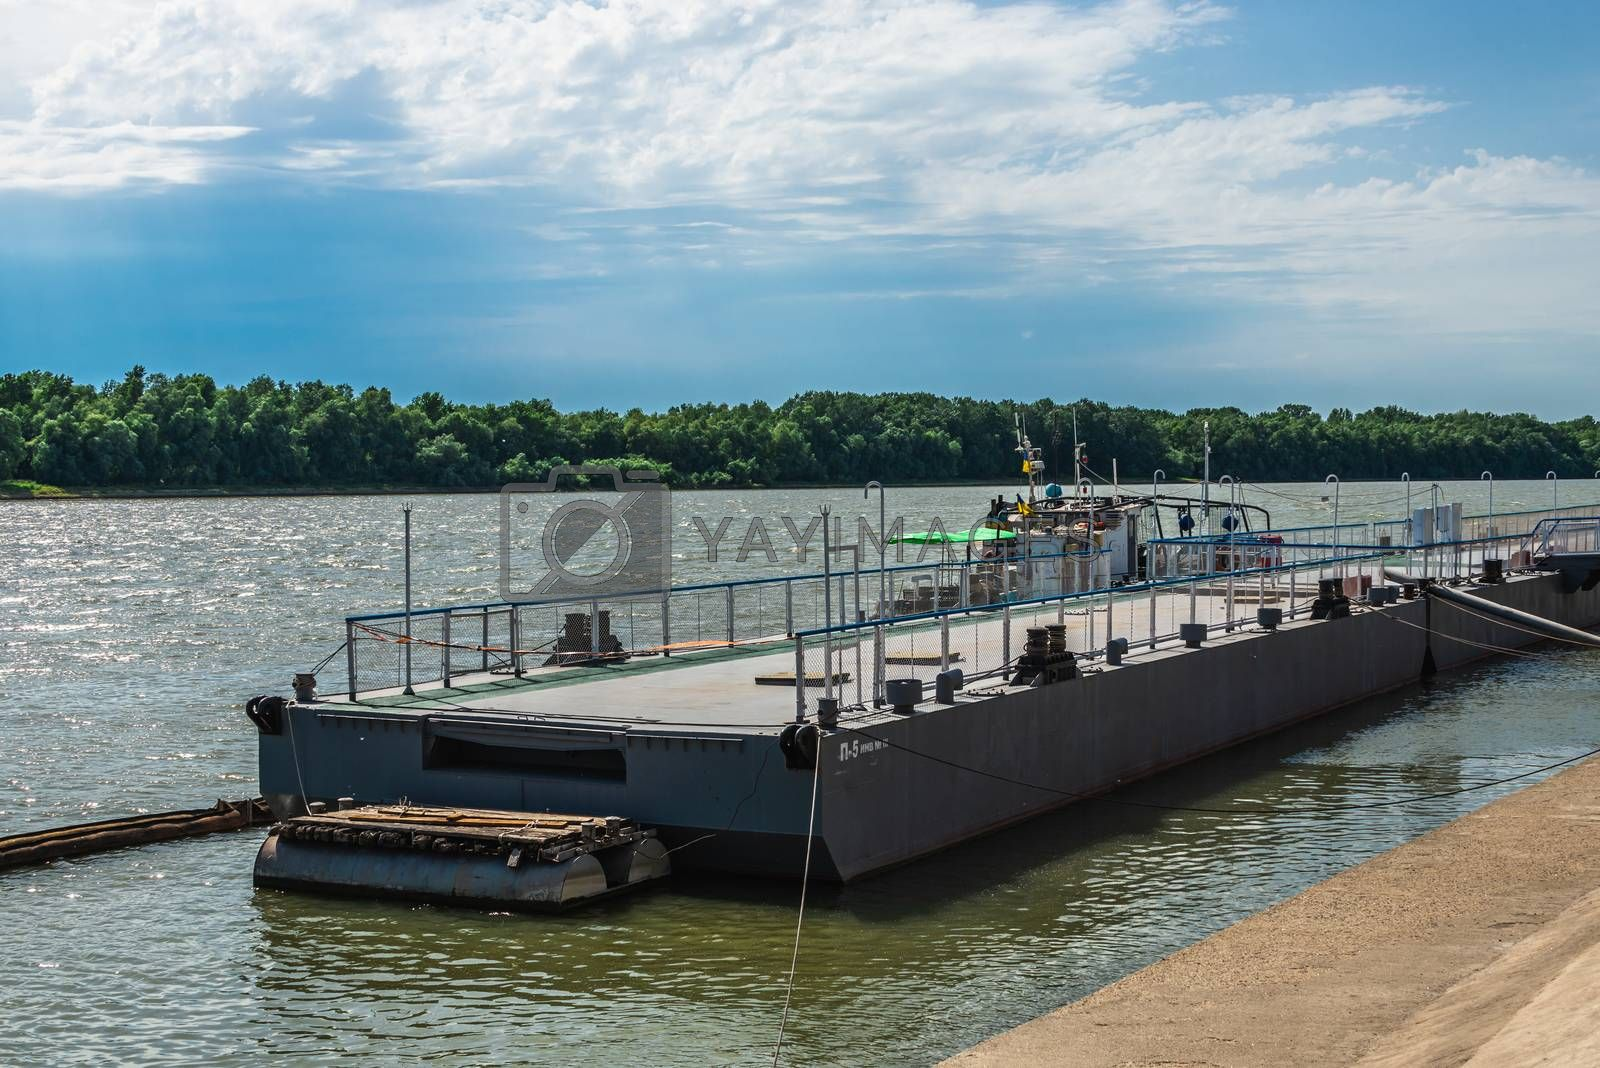 Izmail, Ukraine 06.07.2020. City Embankment on the Danube River in the city of Izmail, Ukraine, on a sunny summer day